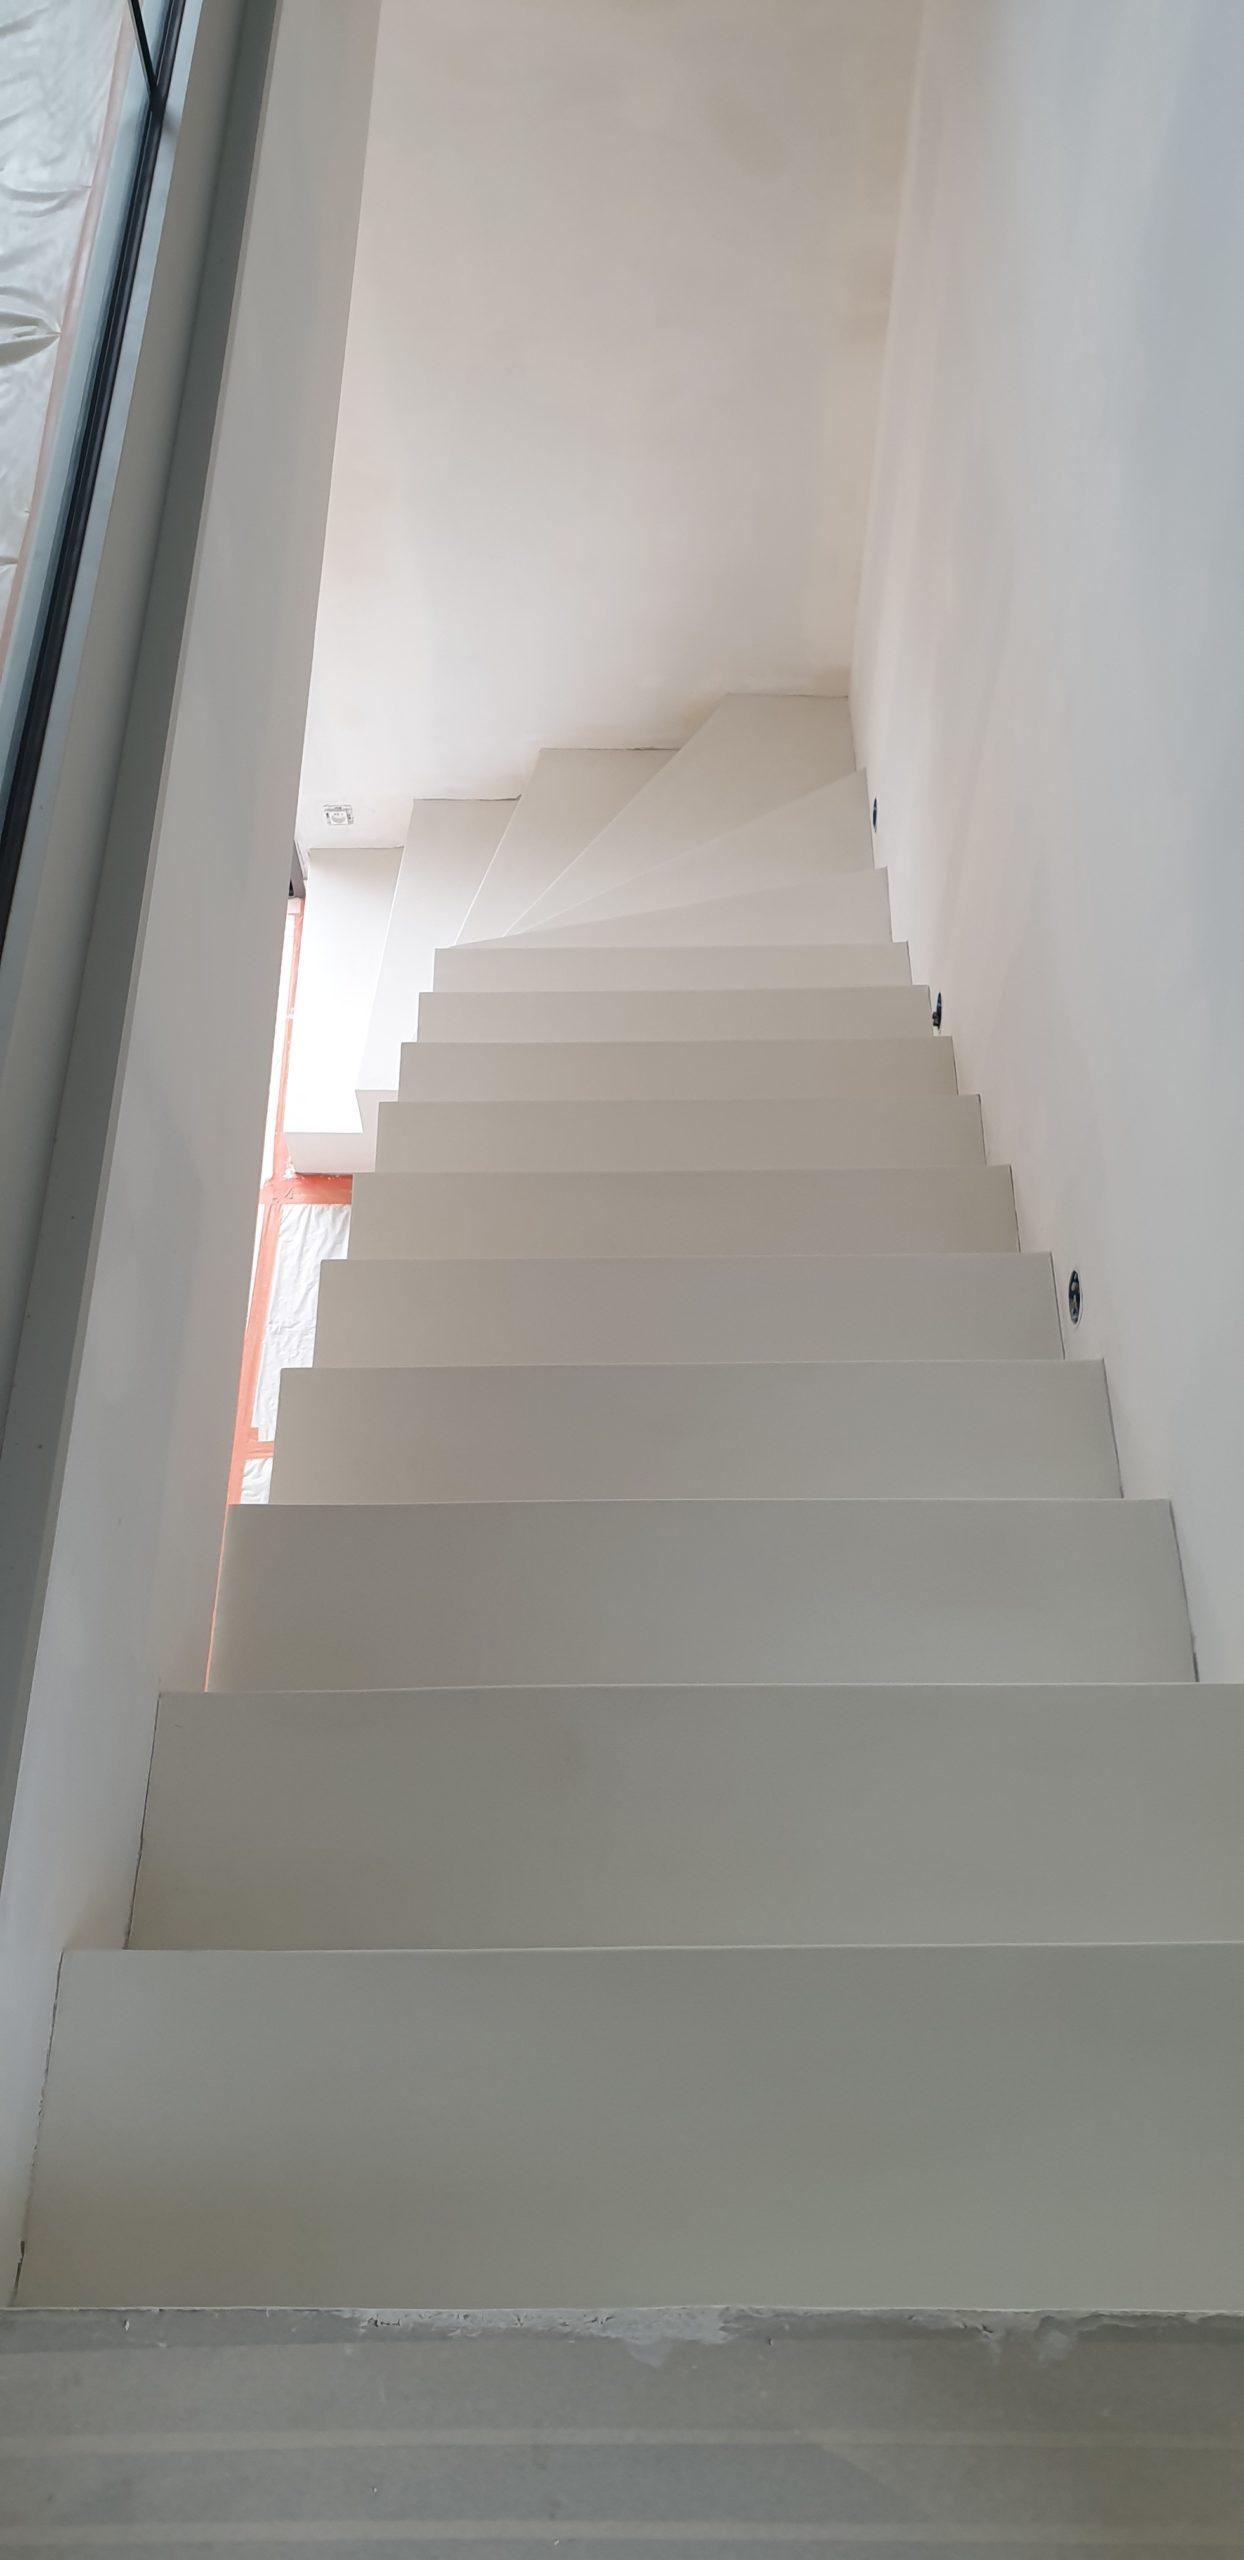 Escalier béton avec une finition simplifiée en béton ciré blanc